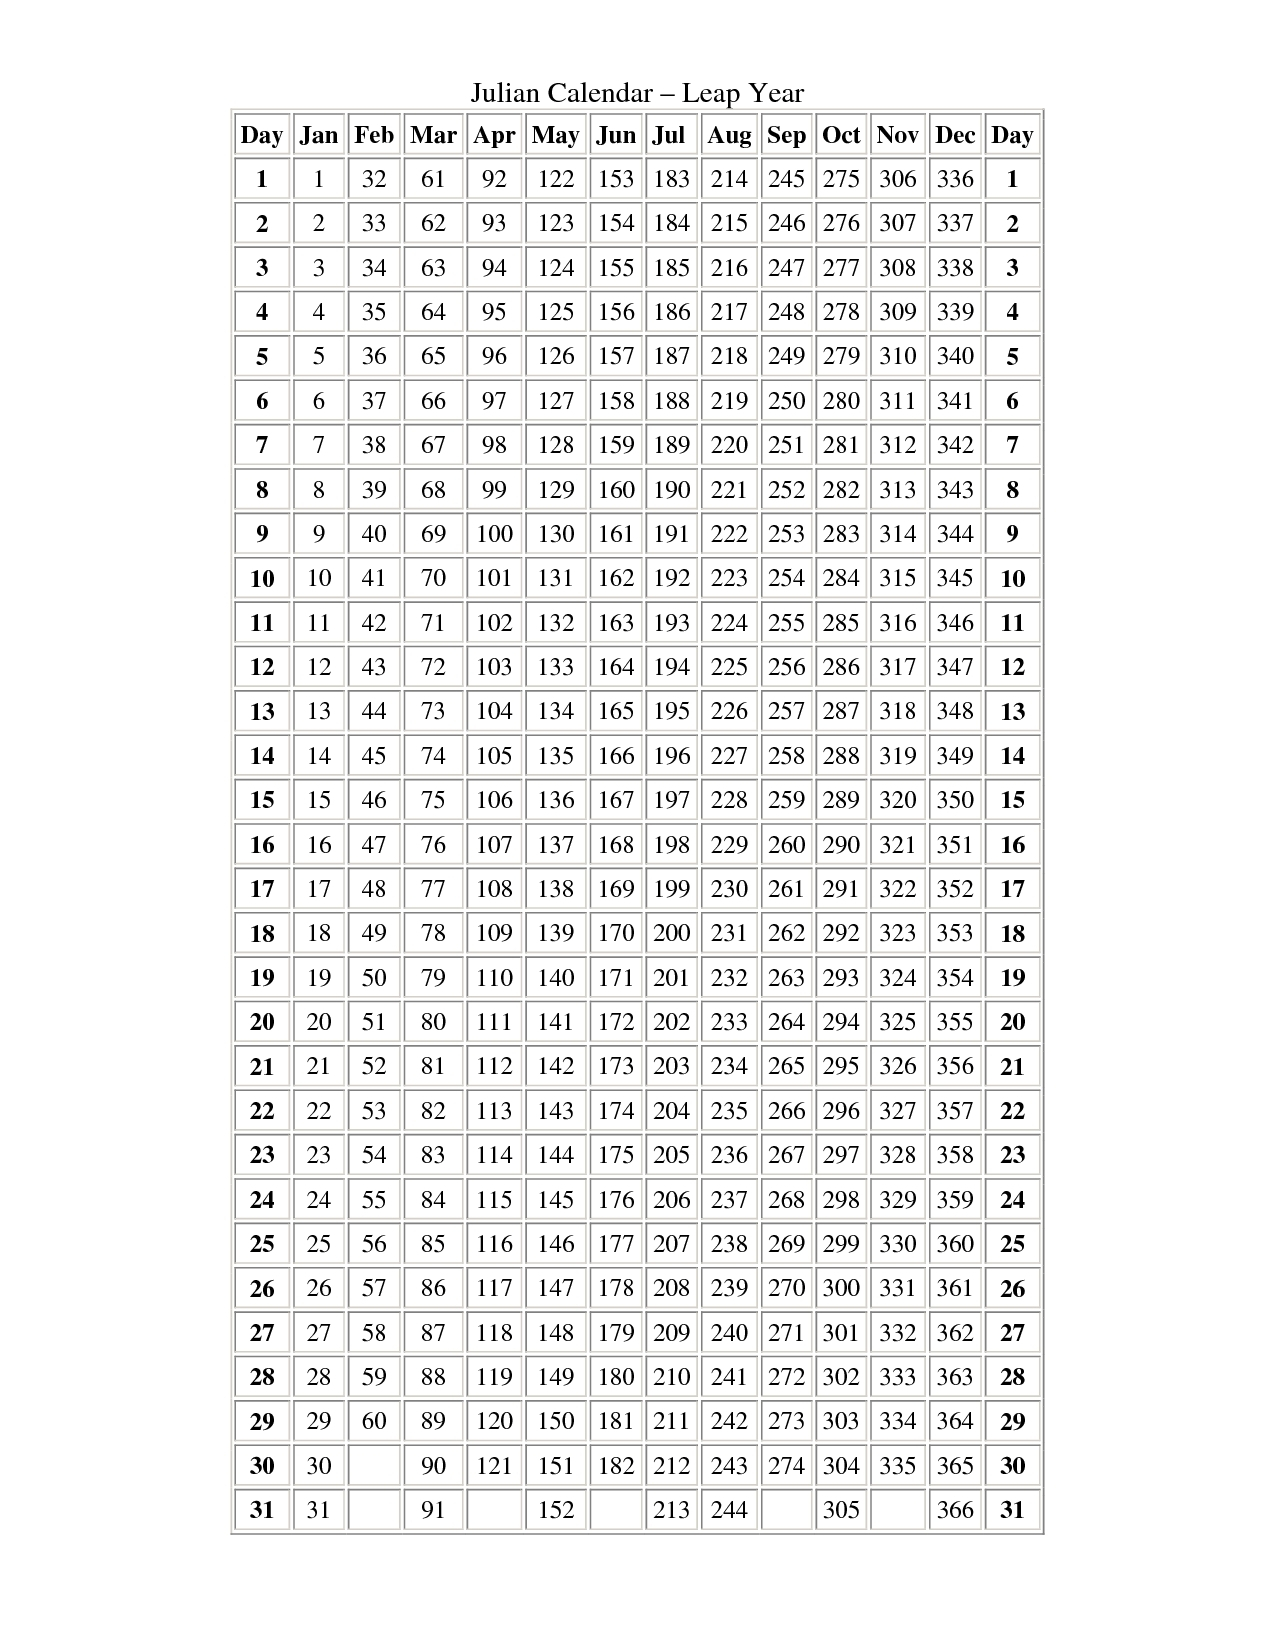 Julian Calendar No Leap Year  Calendar Inspiration Design for Julian Date Calendar For 2020